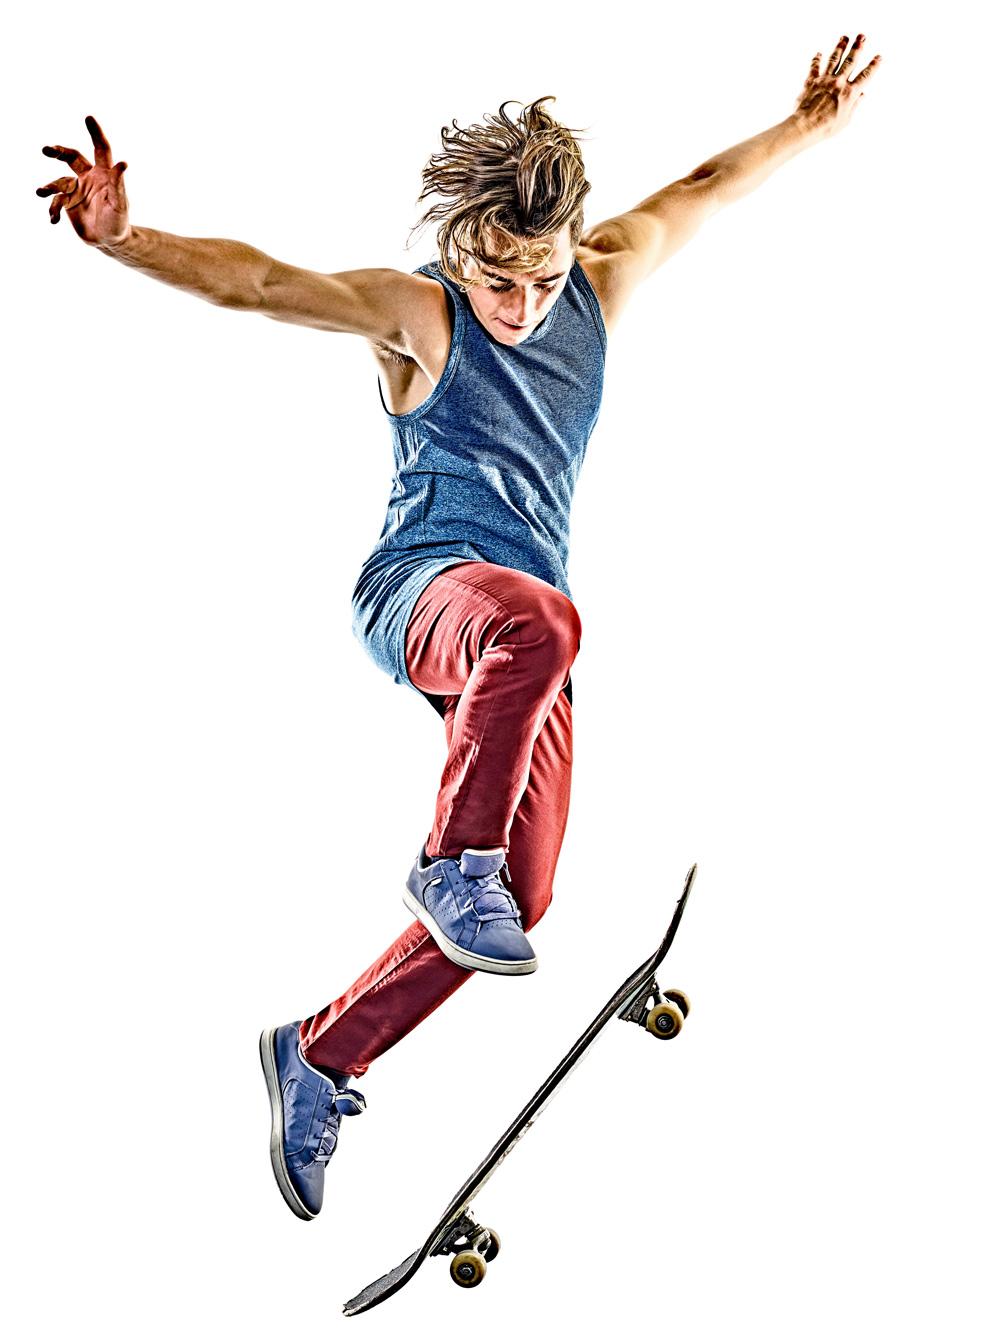 Skatekurs-61185.jpg